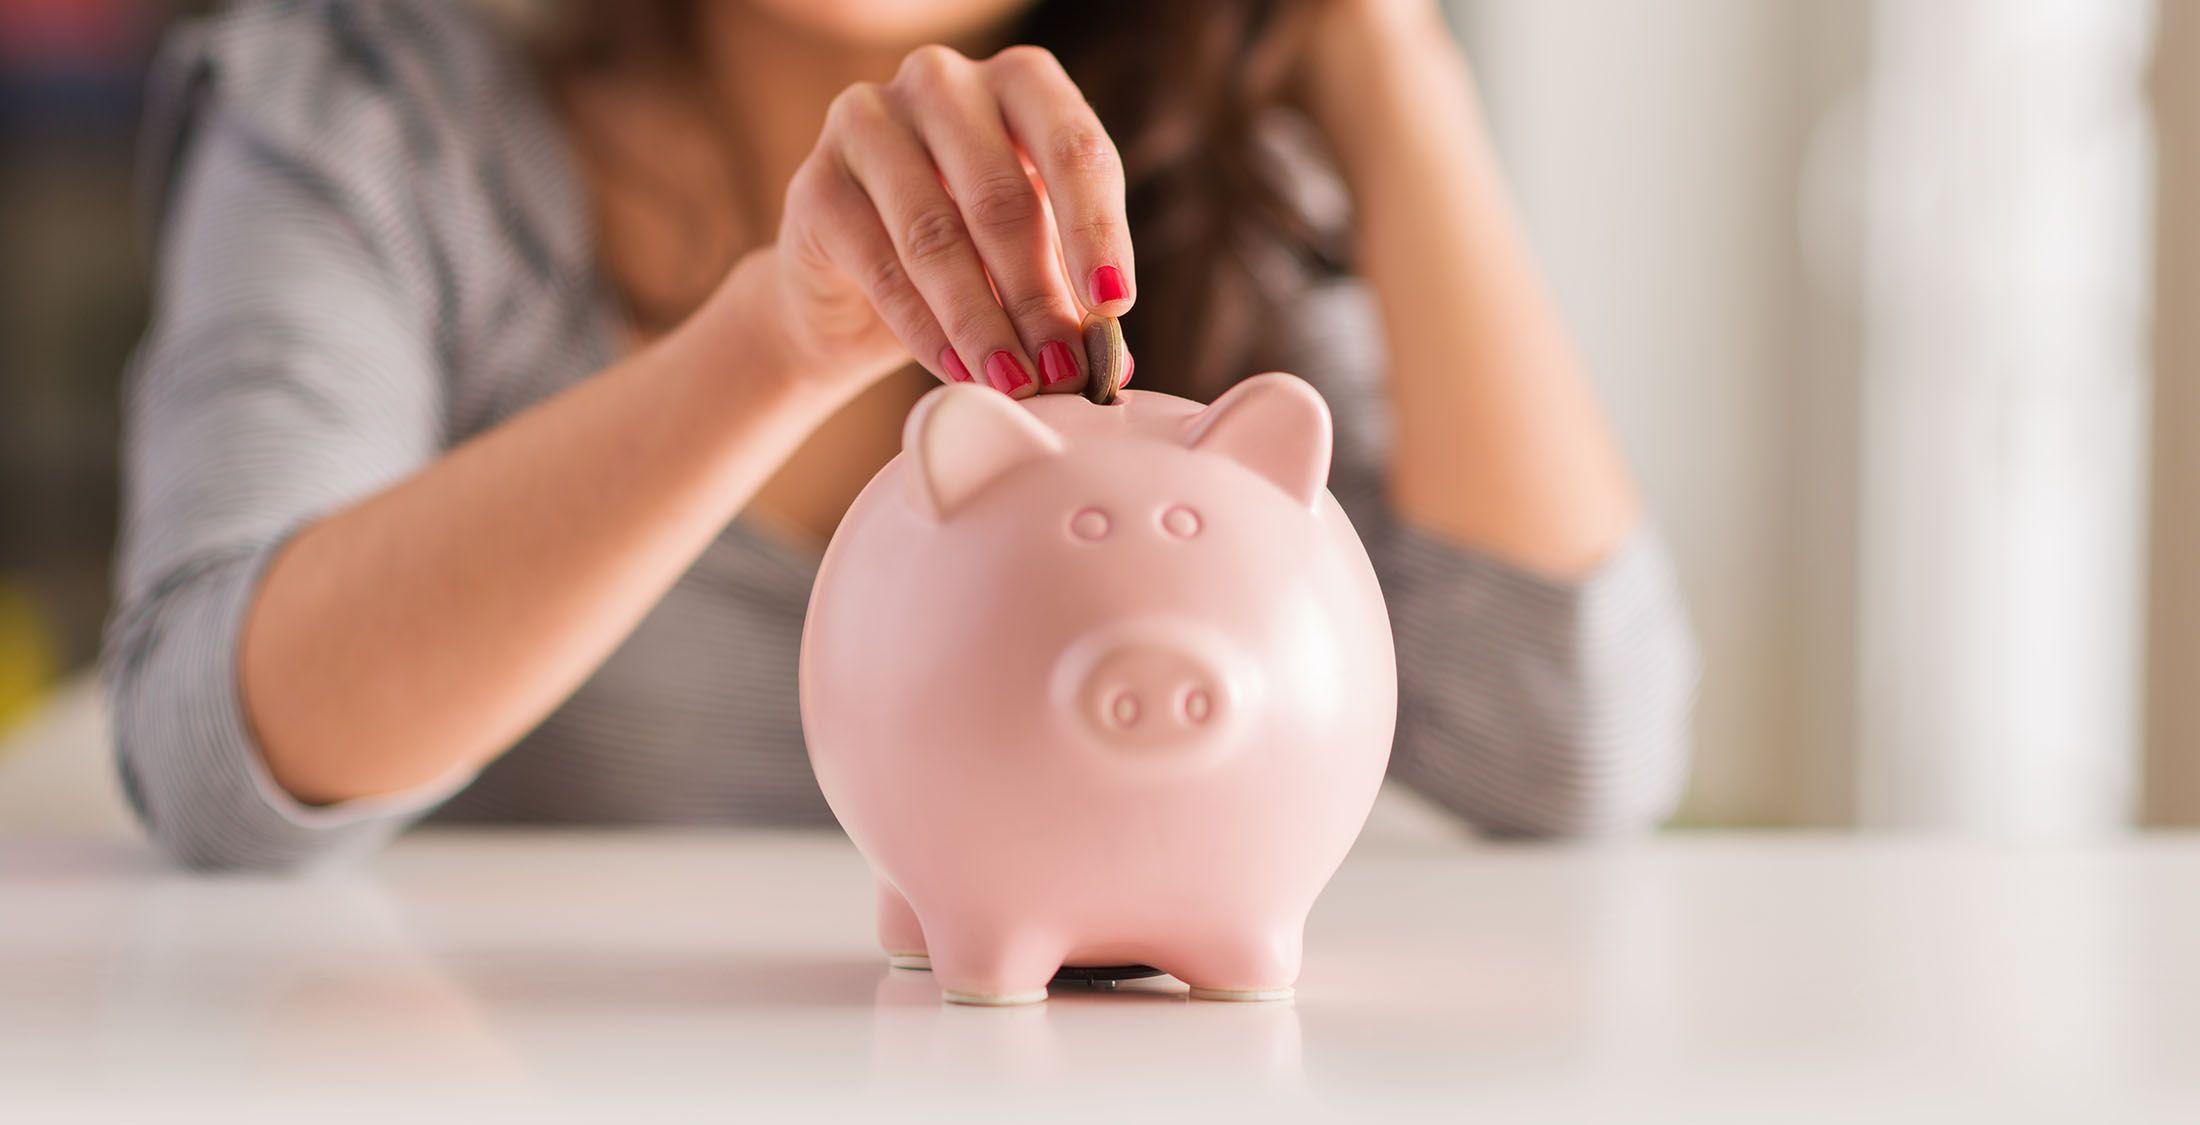 woman insert coin into piggy bank